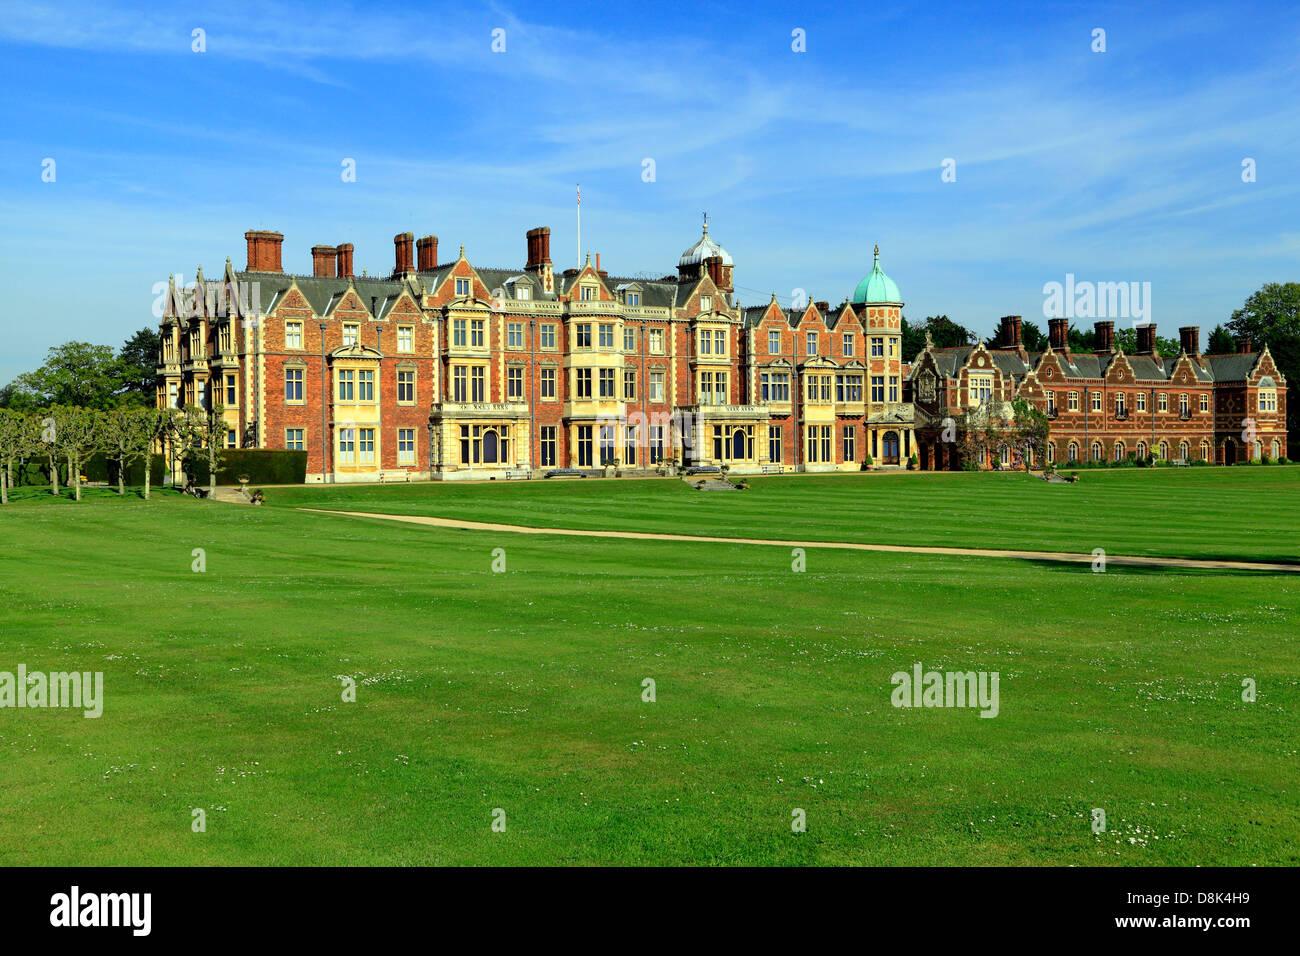 Sandringham House, Norfolk, Landsitz des HM die Königin, 19. Jahrhundert britische viktorianische Architektur, England UK Stockfoto